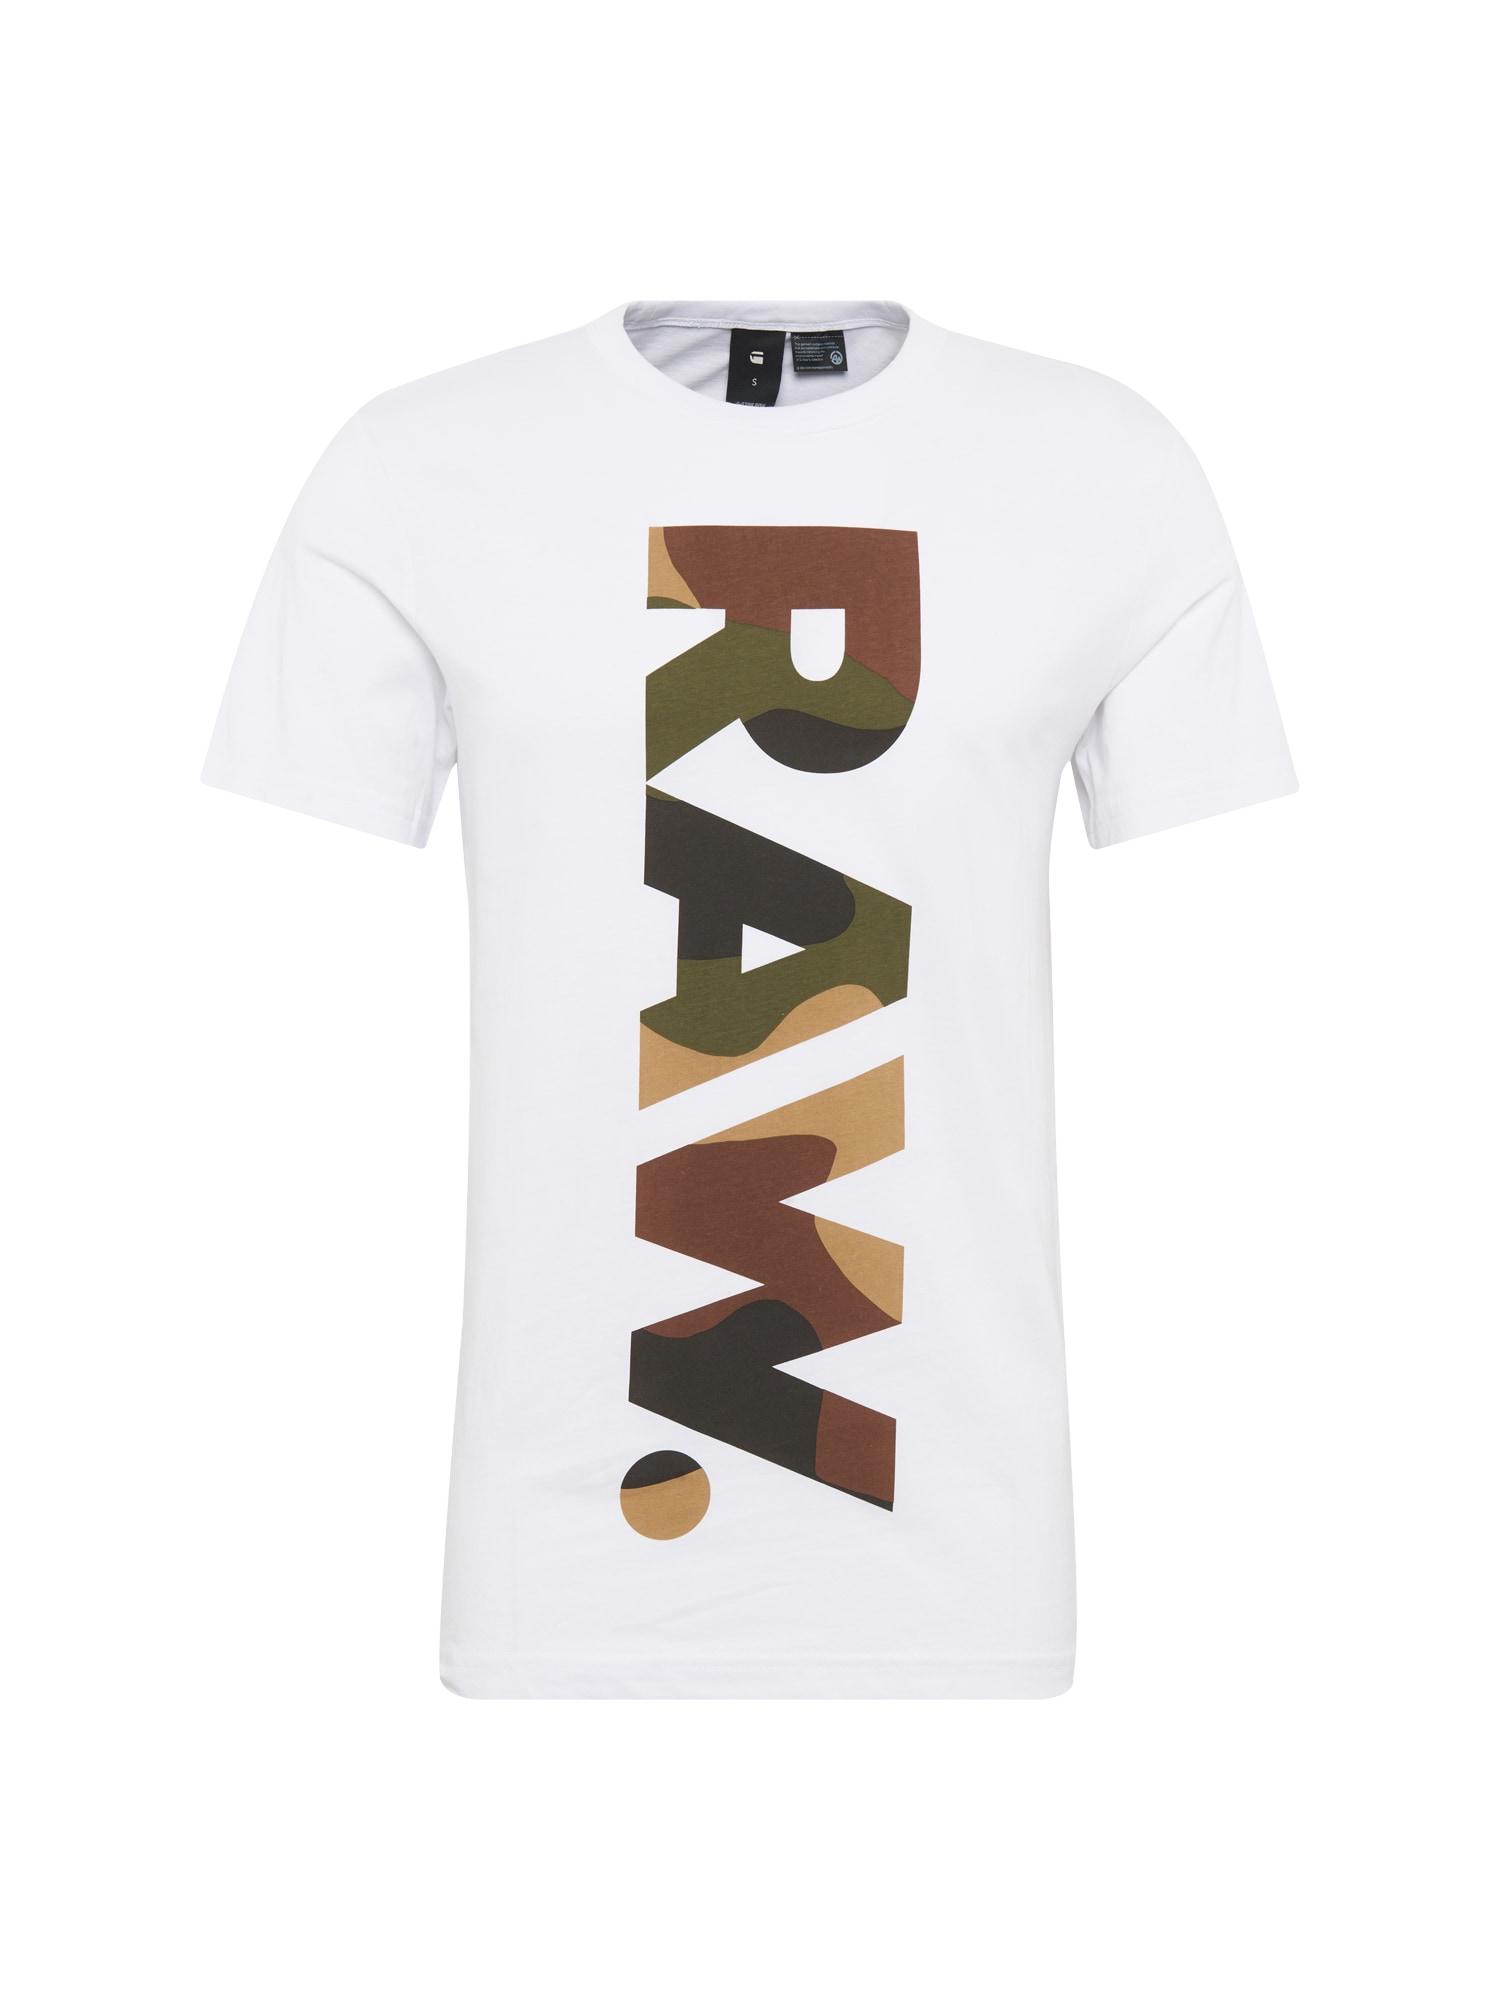 G-STAR RAW Heren Shirt Daba regular r t s s wit